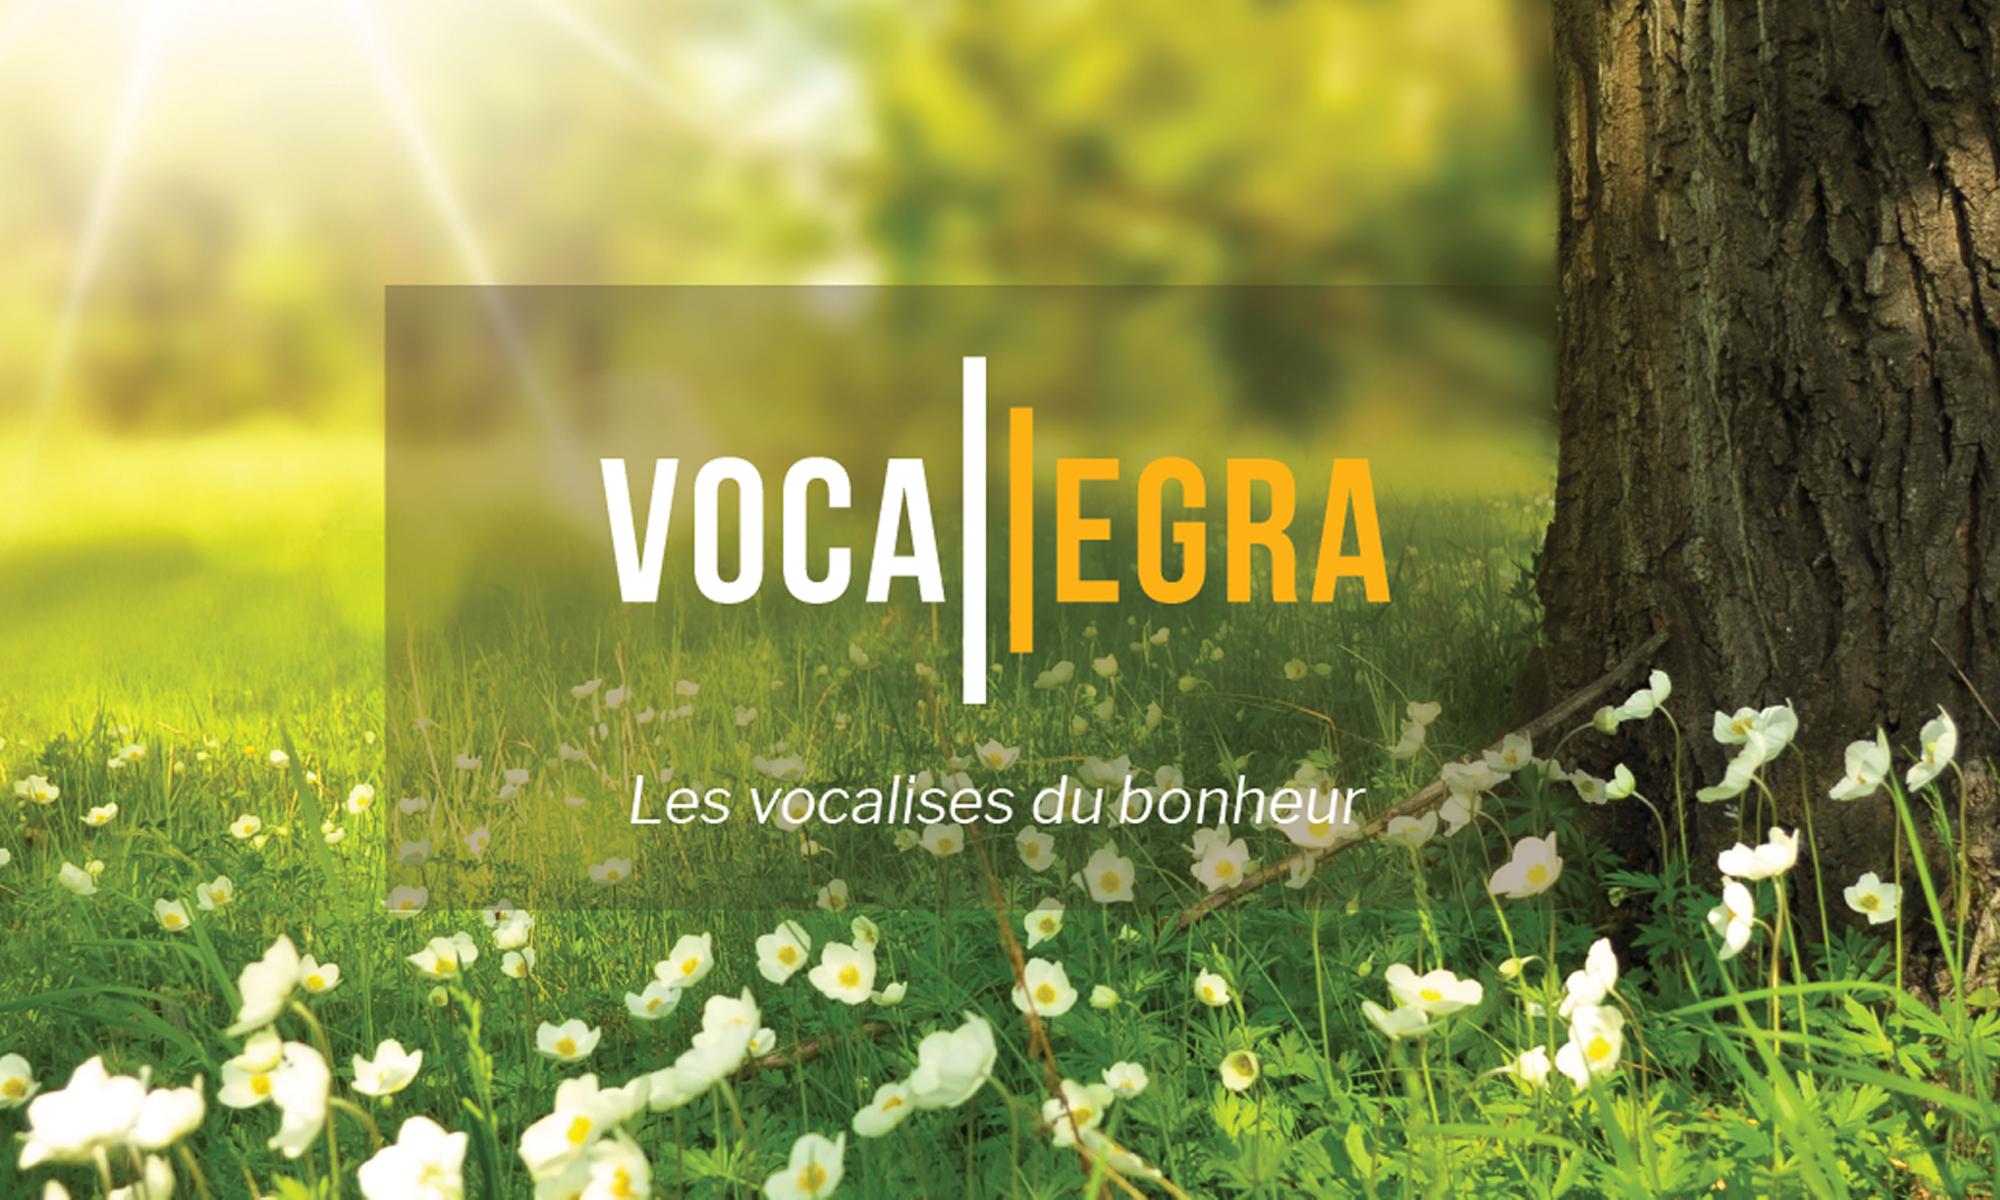 Vocallegra, Cours de chant et développement personnel en ligne avec Dominique